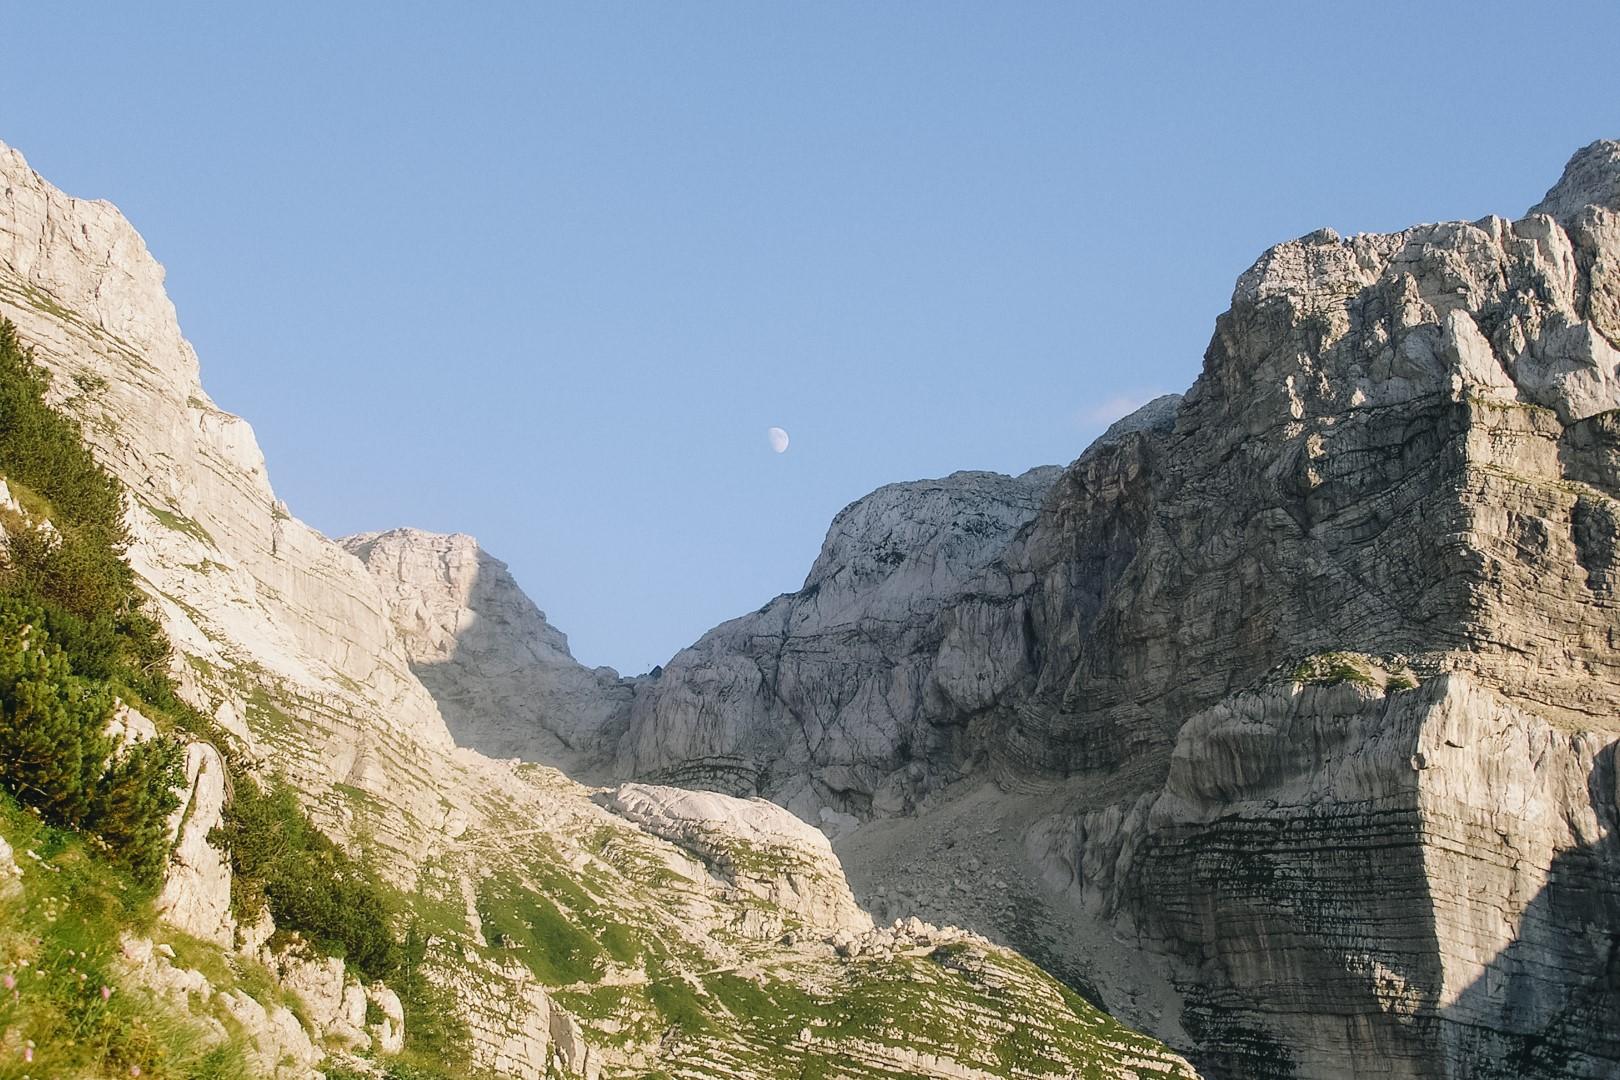 Widok na Alpy Julijskie ze szlaku na Triglav. Księżyc nad górami.